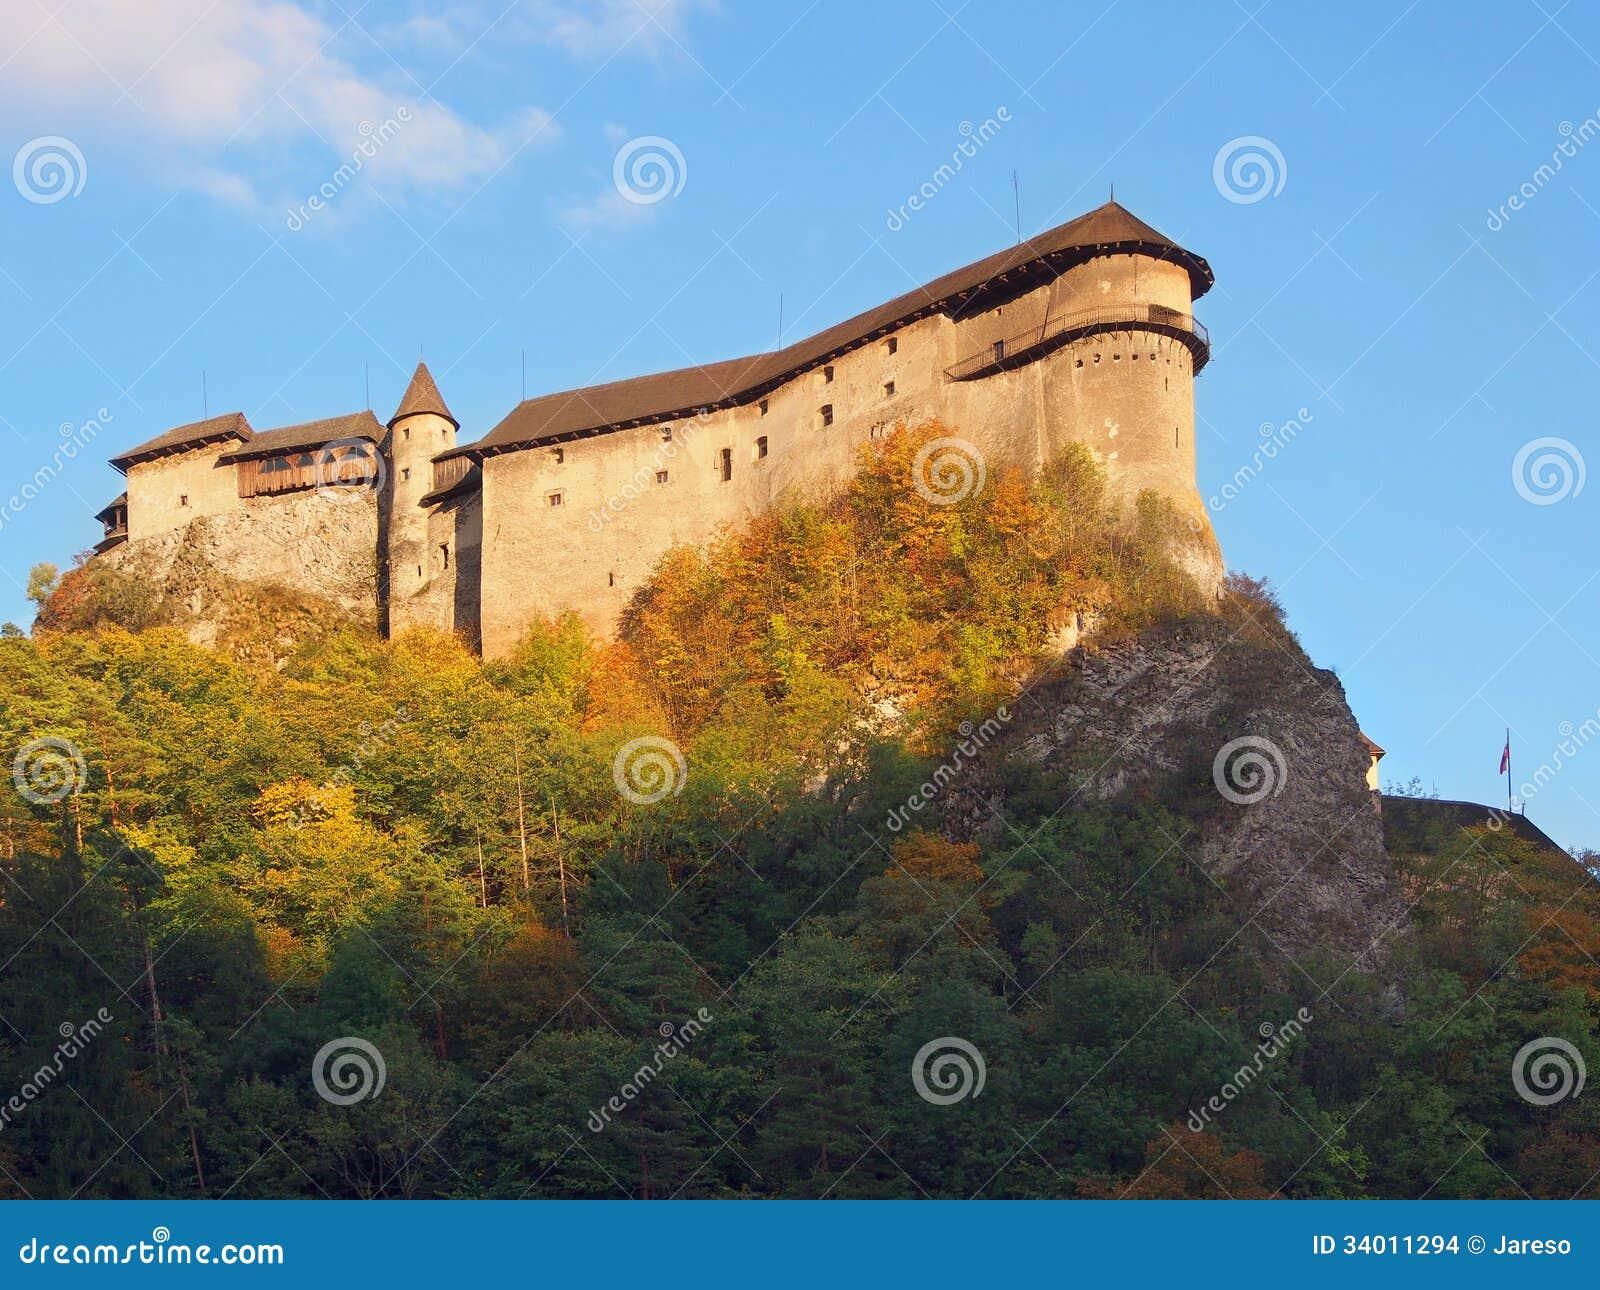 Orava Castle at sundown during autumn